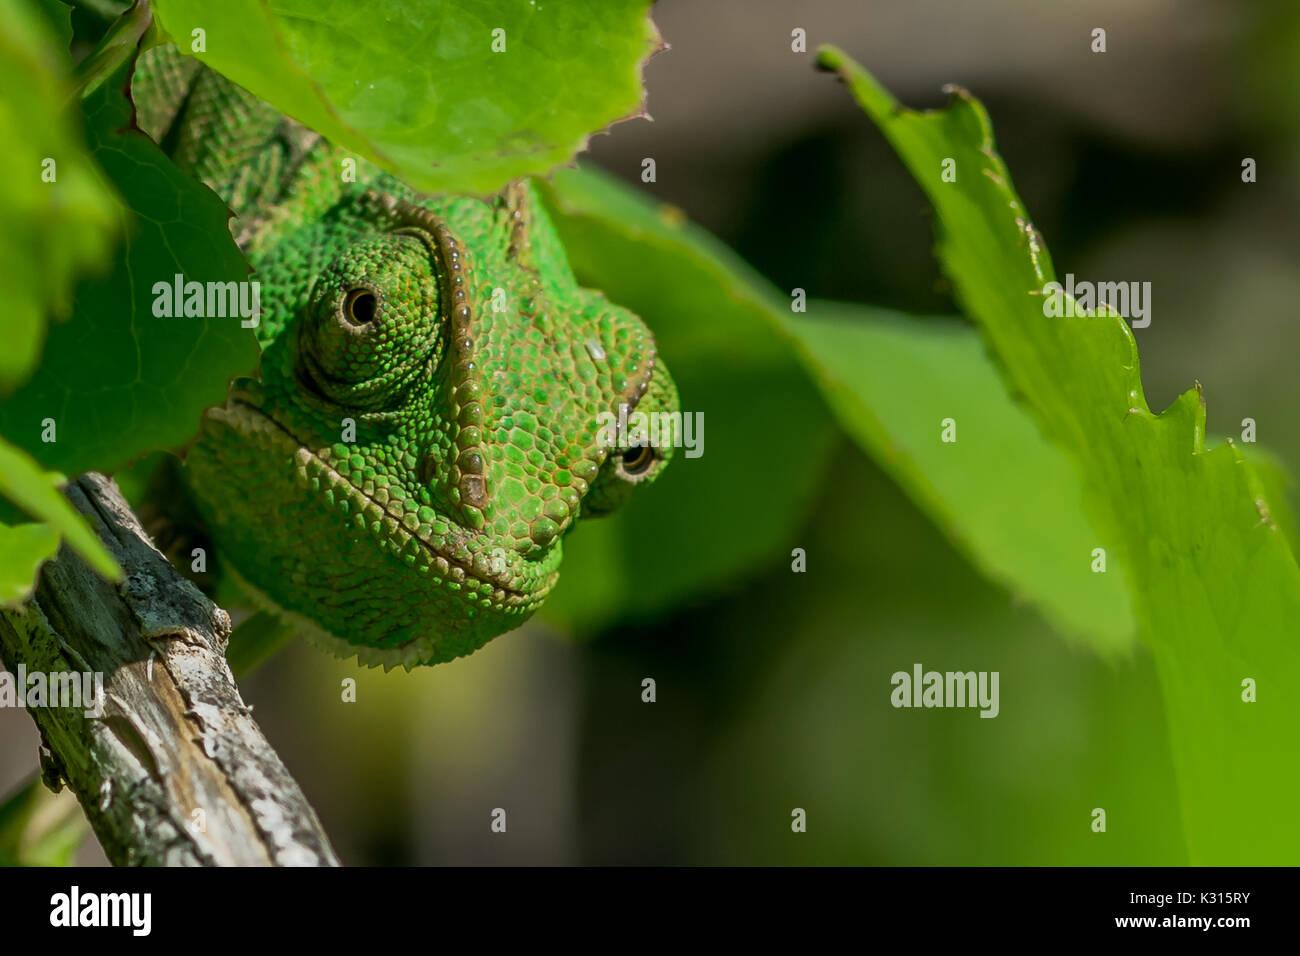 Eine gut getarnte Mediterrane Chameleon (Chamaeleo chamaeleon) spähen Hinter einige Blätter. Malta Stockbild